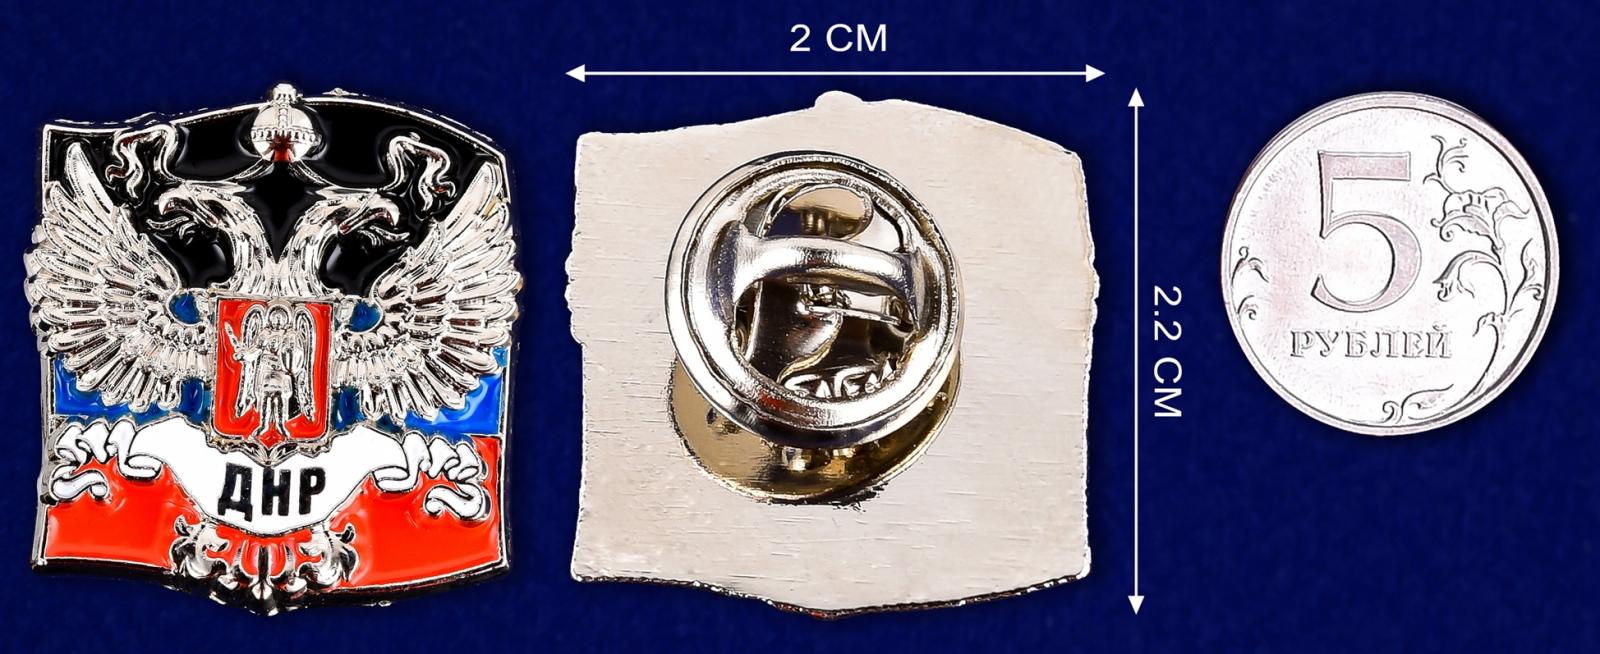 Фрачник ДНР - сравнительный размер